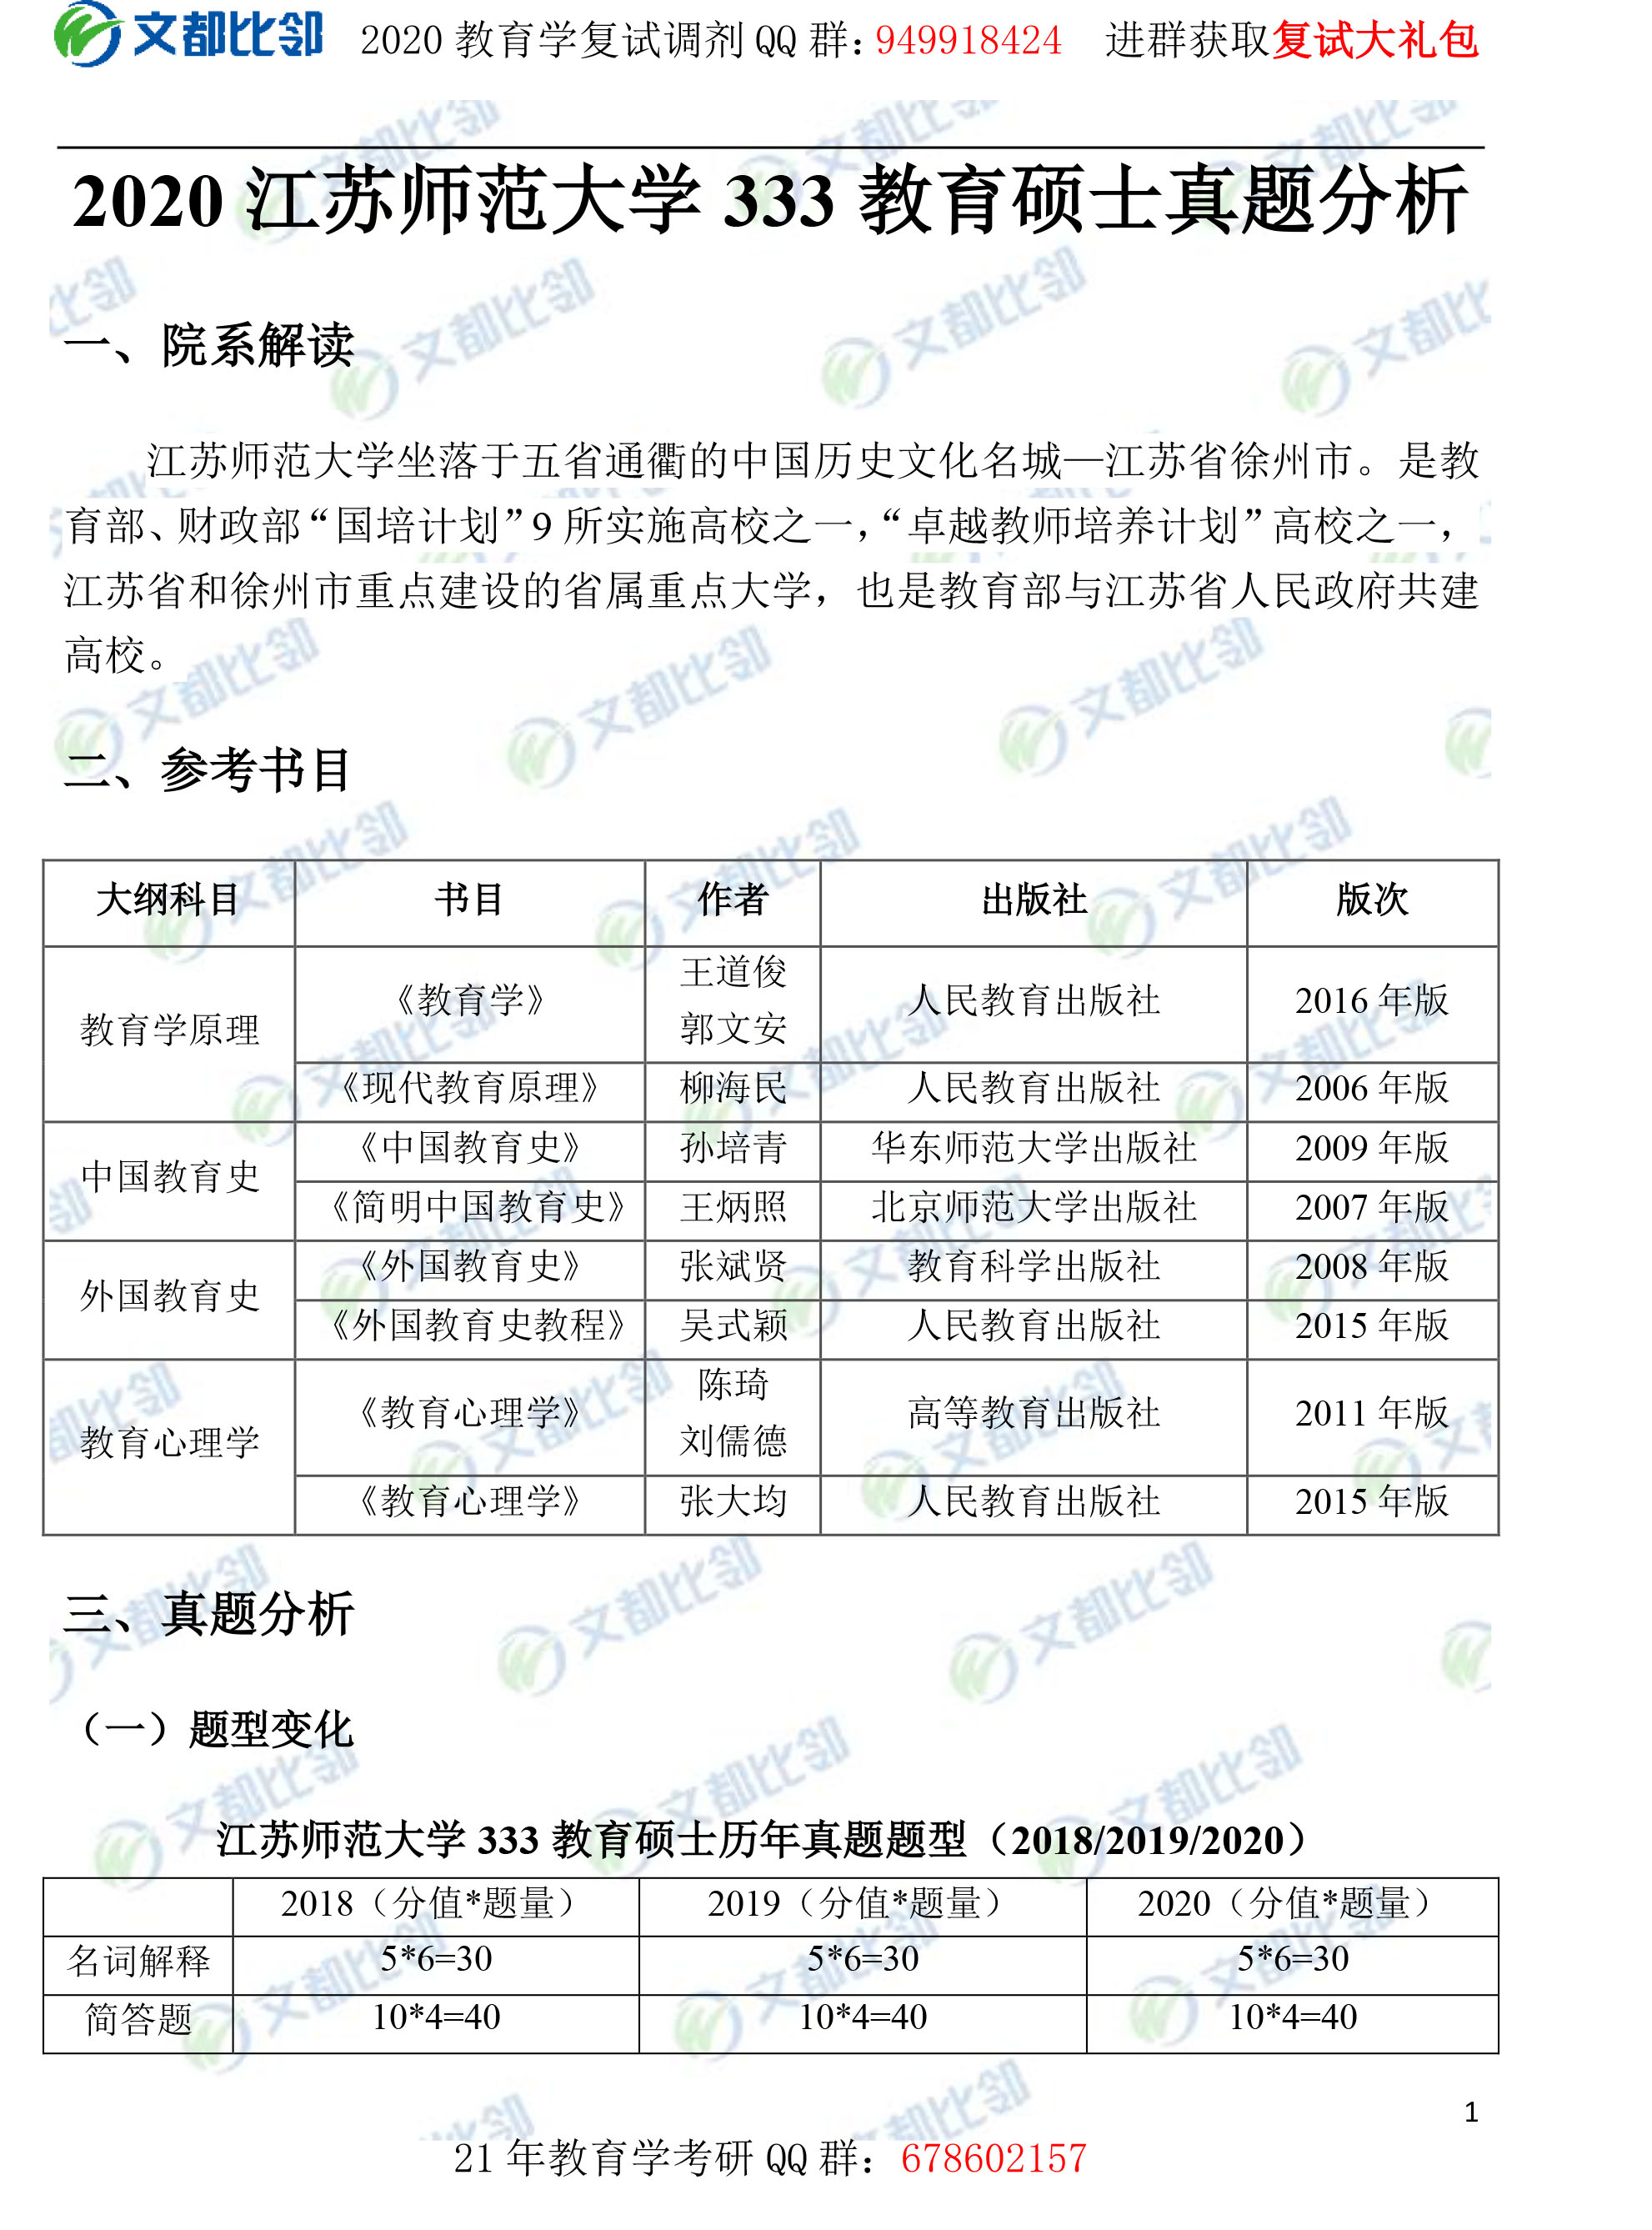 2020年江苏师范大学教育硕士333真题分析